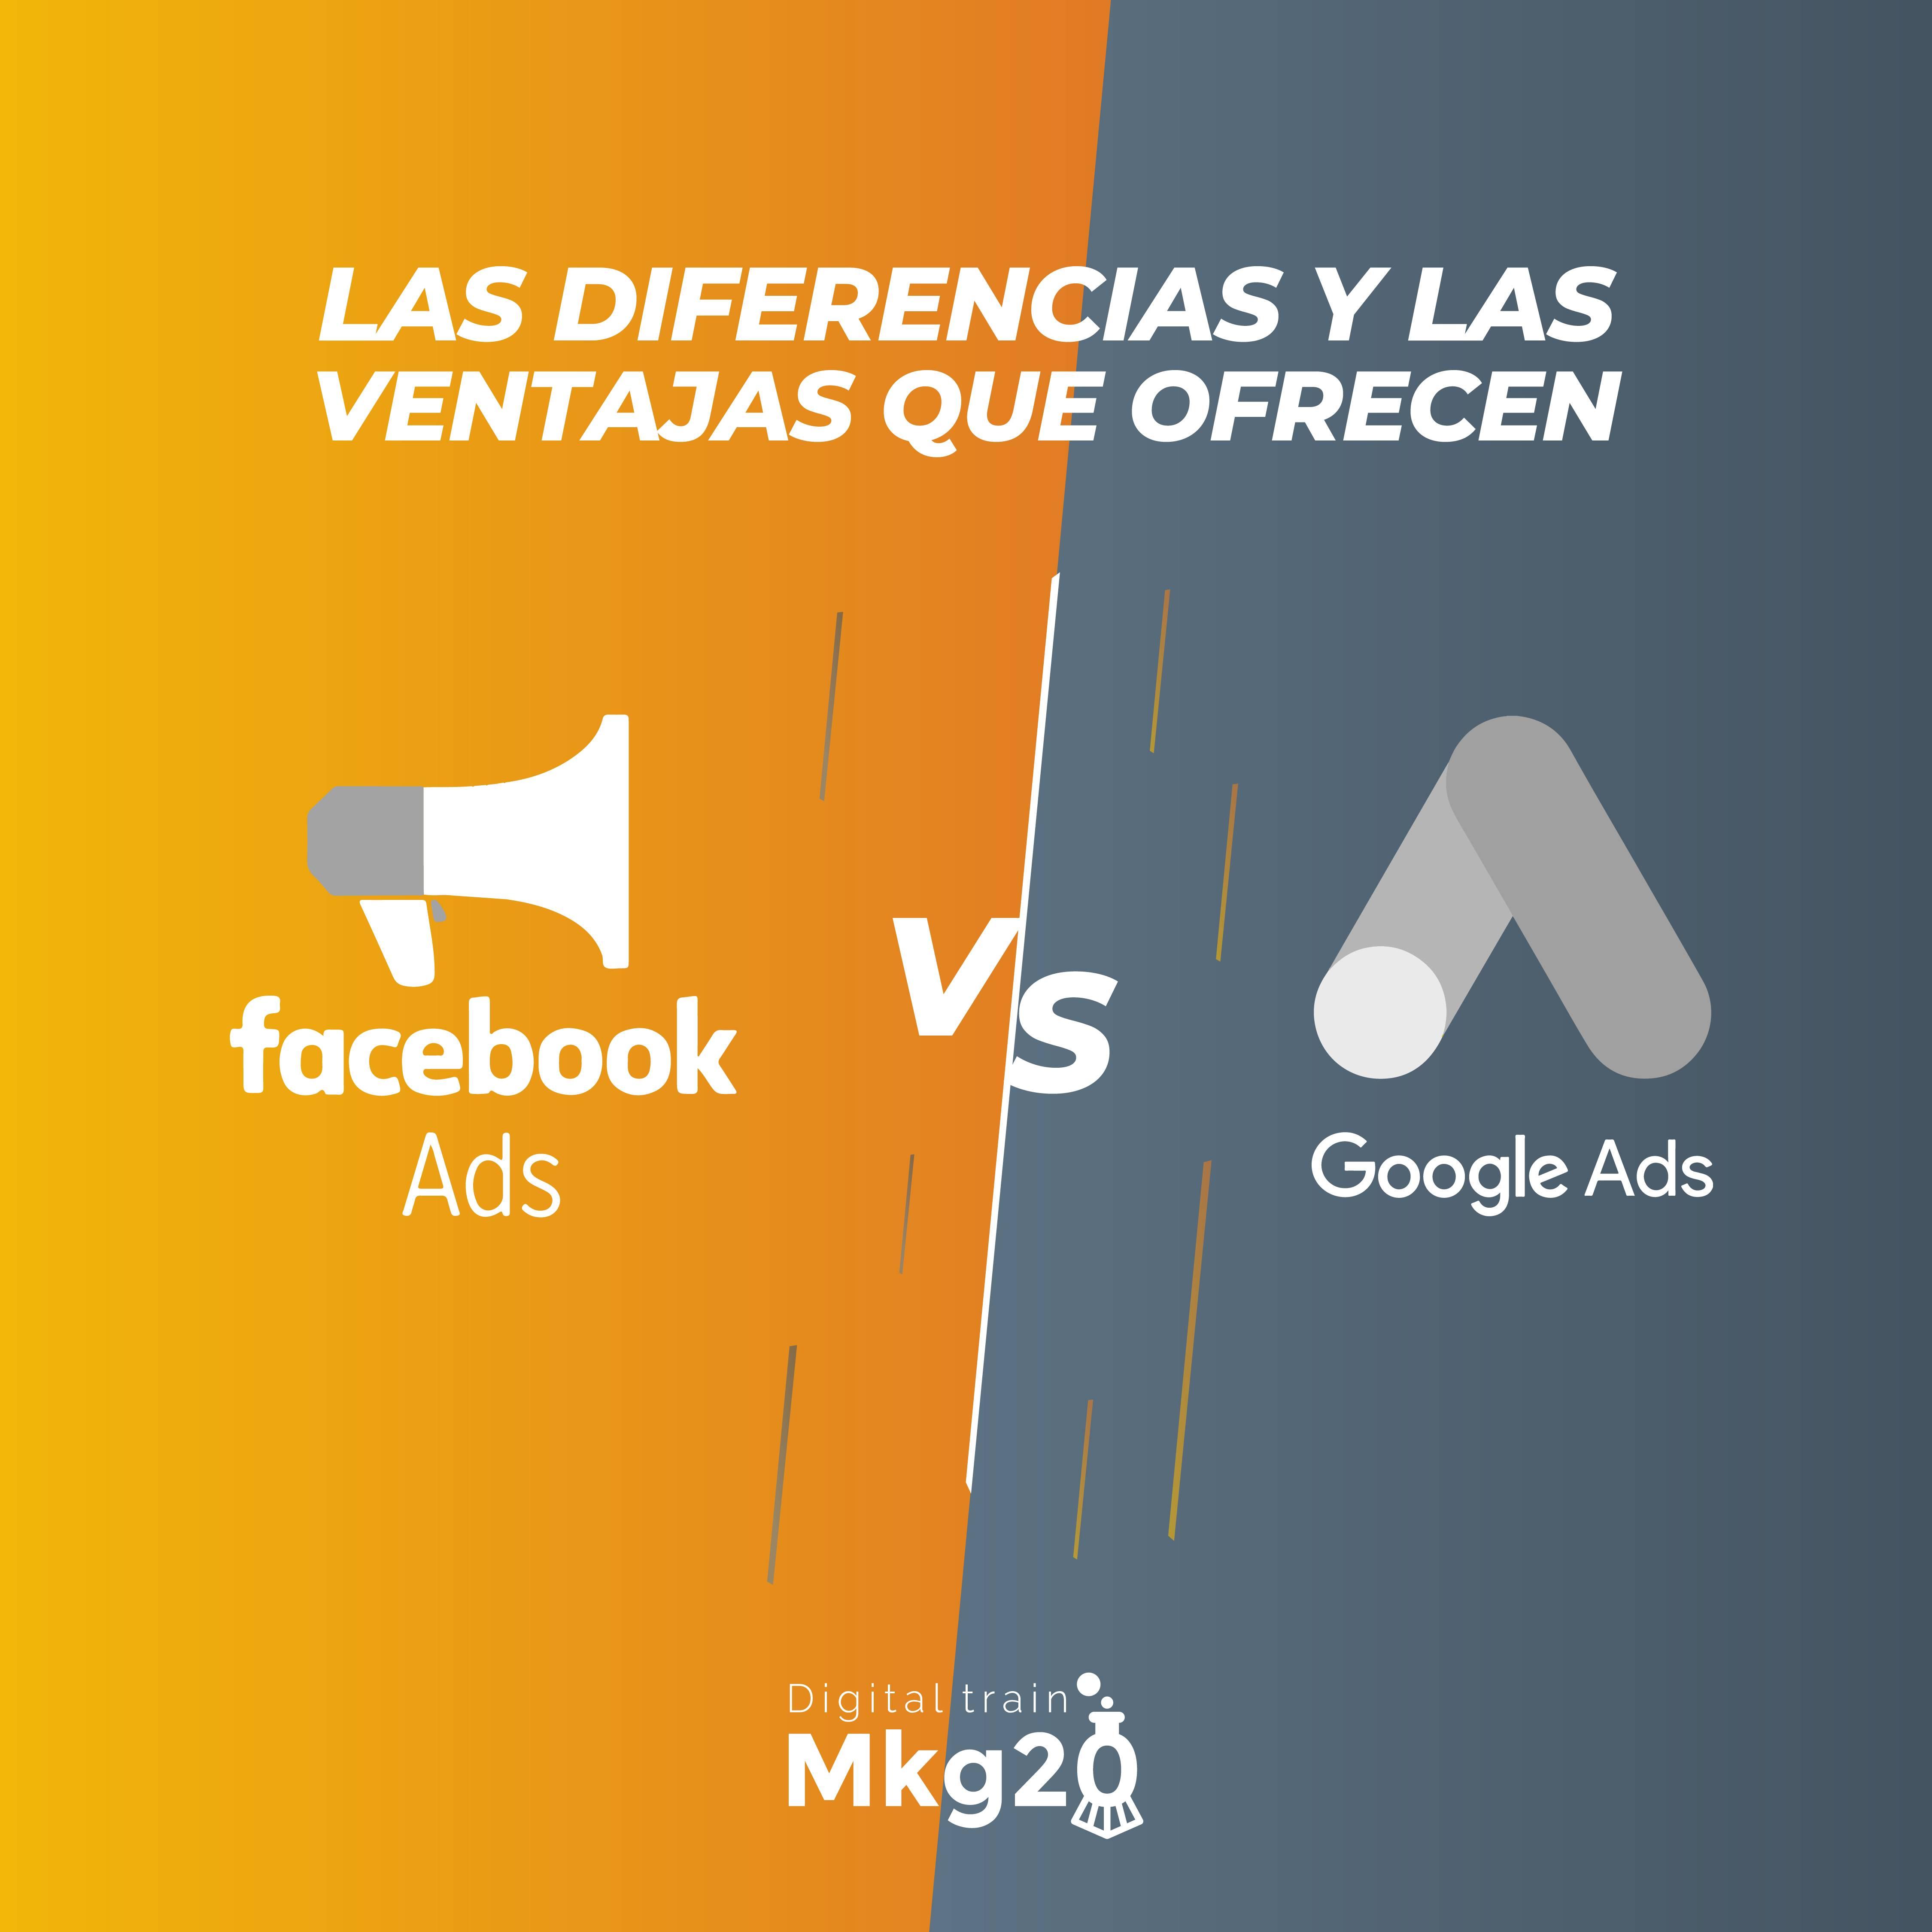 ¿Qué herramienta utilizar para publicidad?